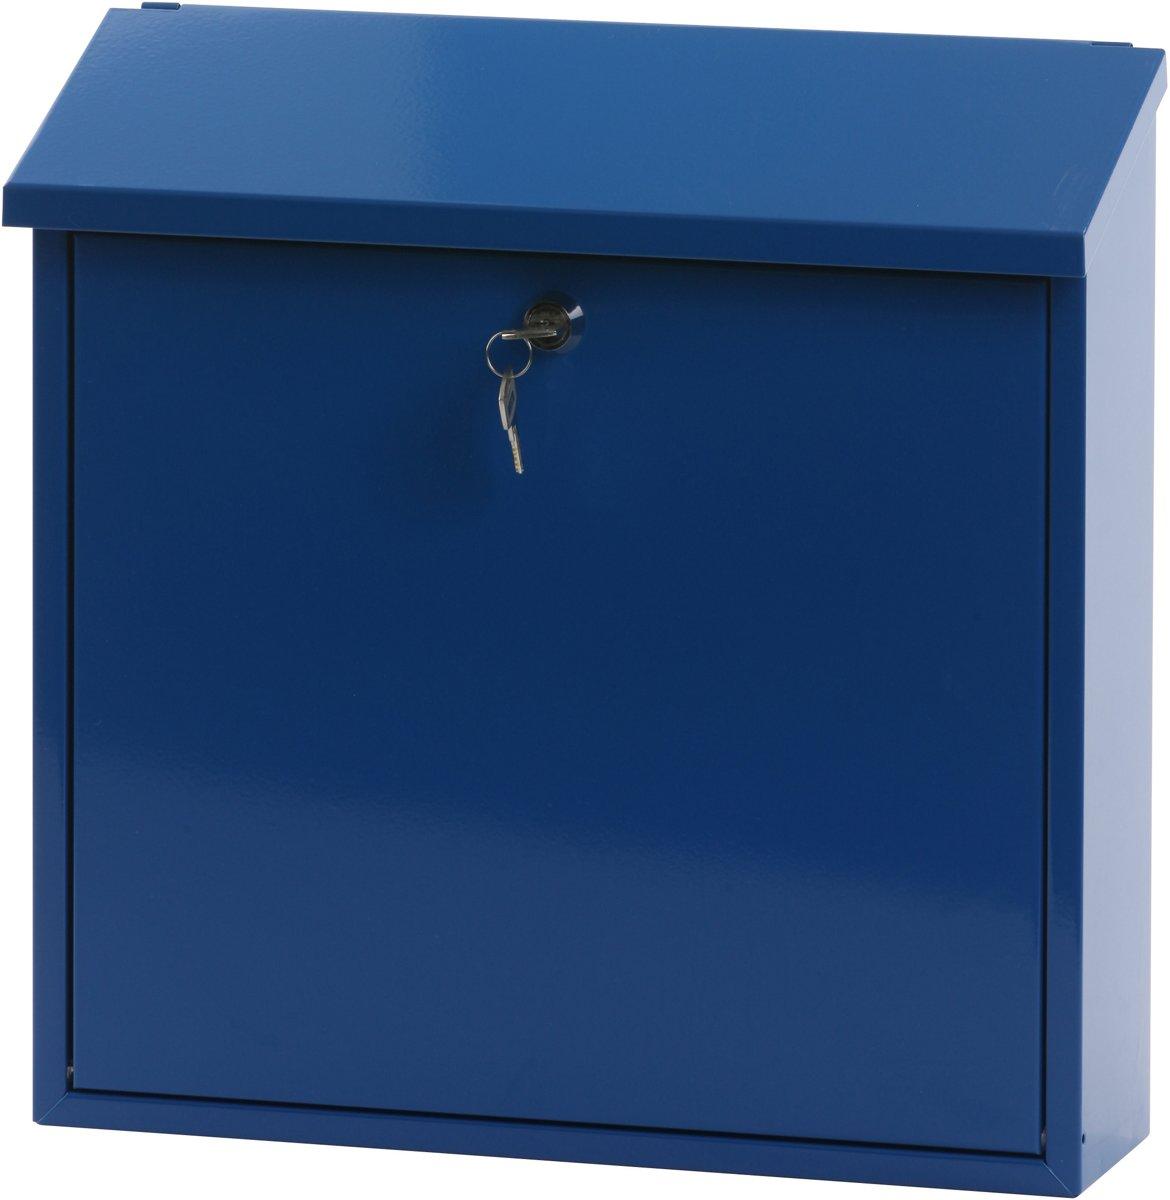 Stalen brievenbus blauw - 11,5x37x37 cm